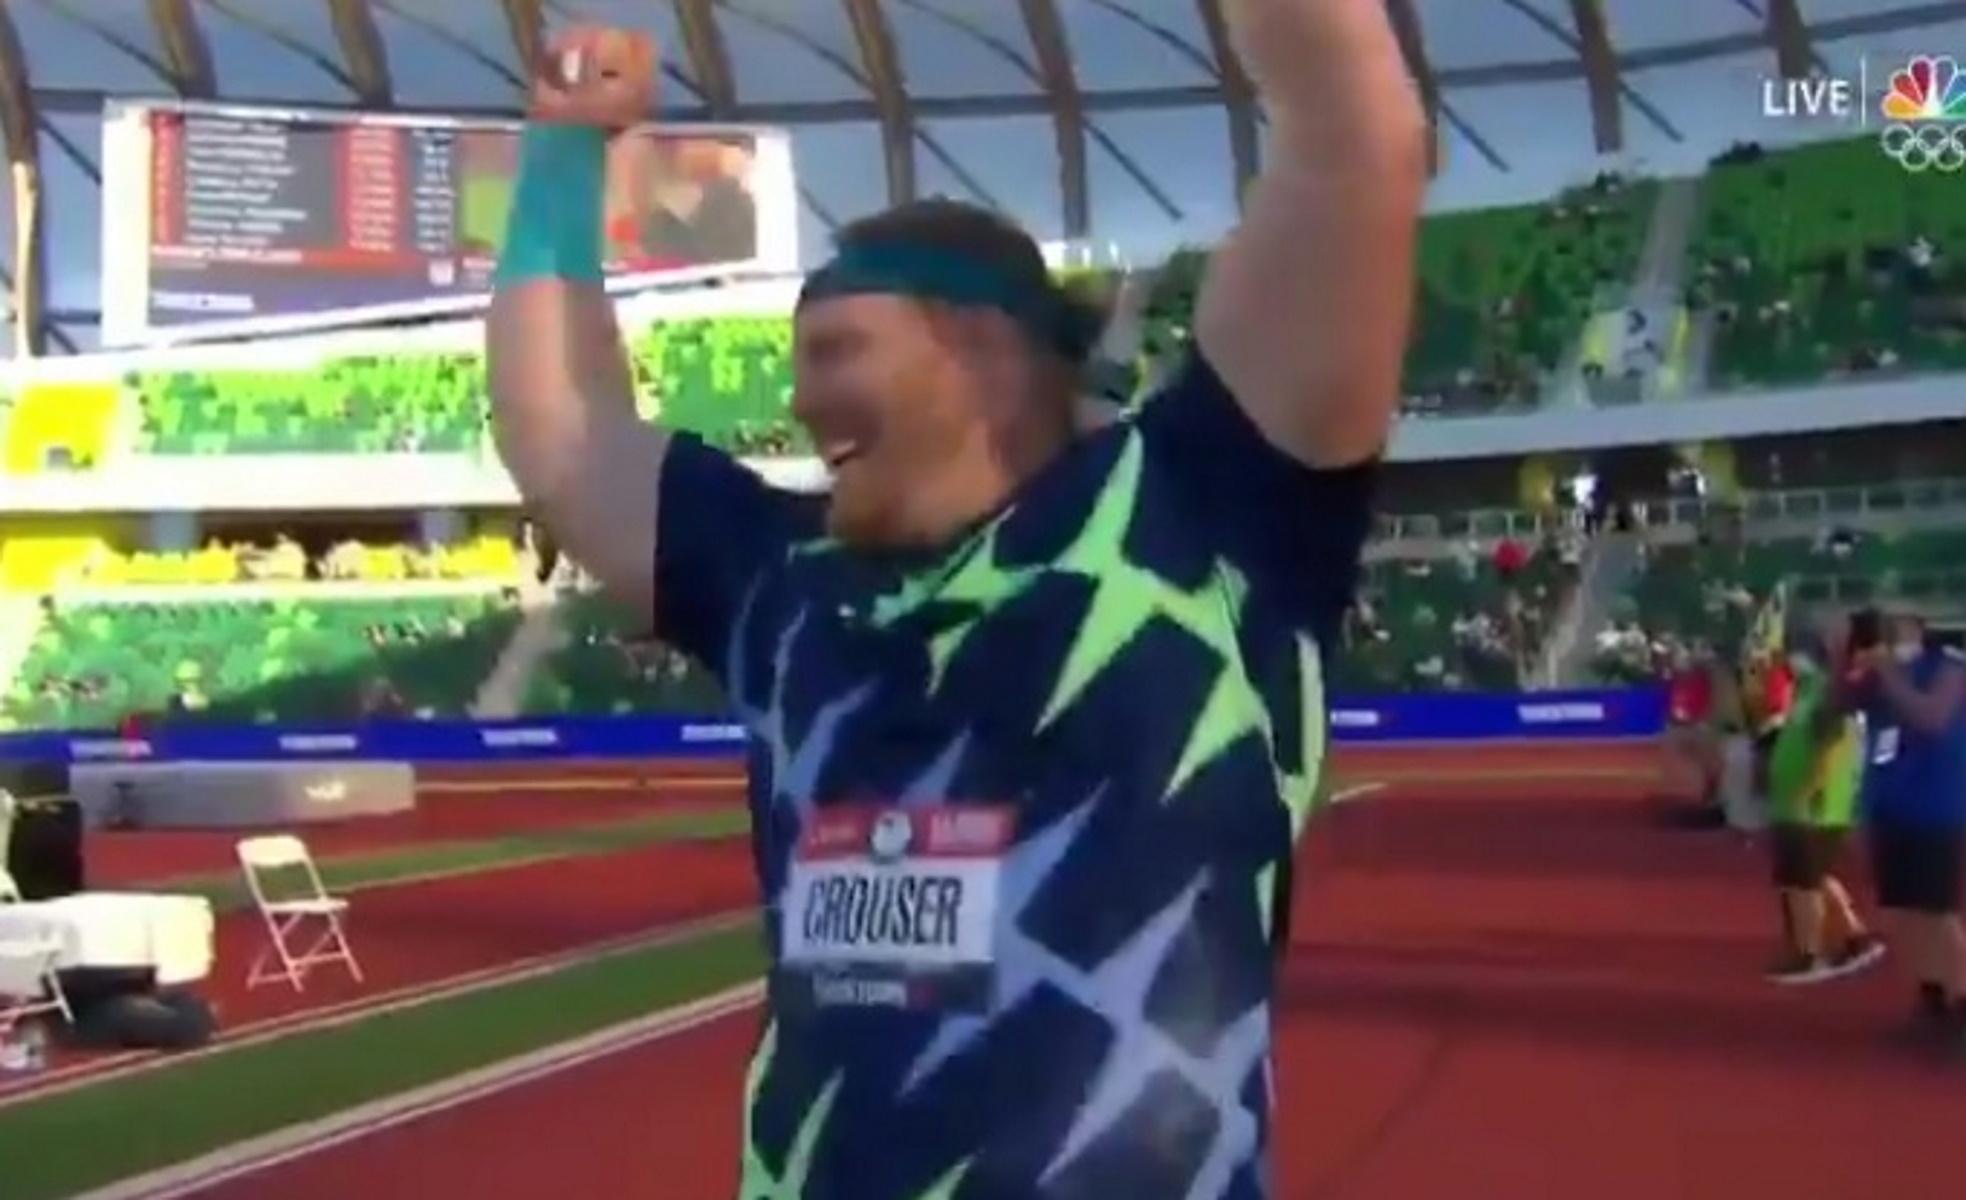 Ο Κράουζερ διέλυσε παγκόσμιο ρεκόρ 31 χρόνων στη σφαιροβολία